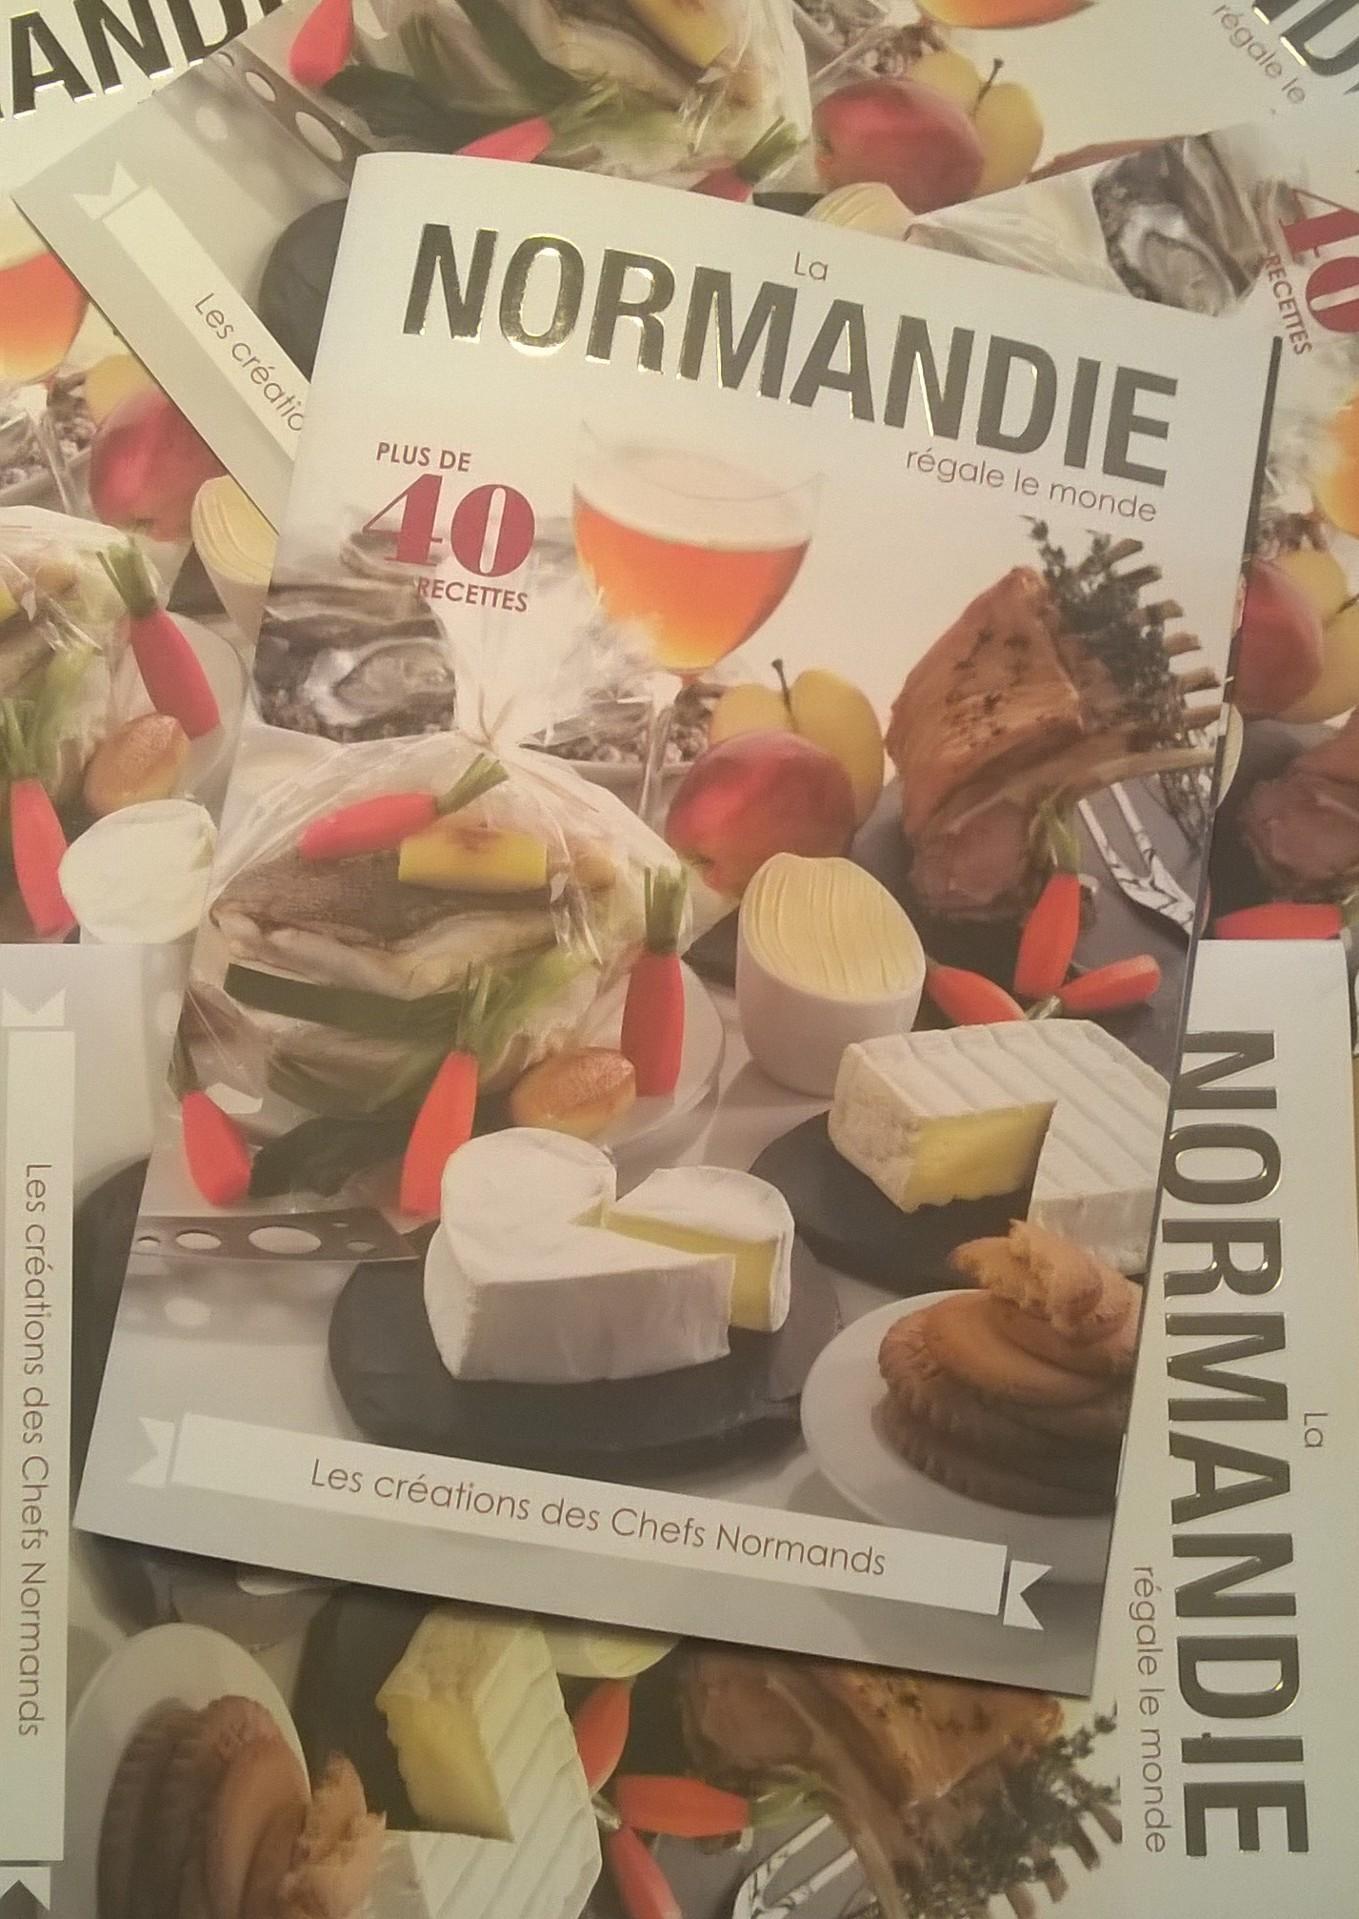 plus de 25 000 exemplaires des recettes du salon de l'agriculture 2016